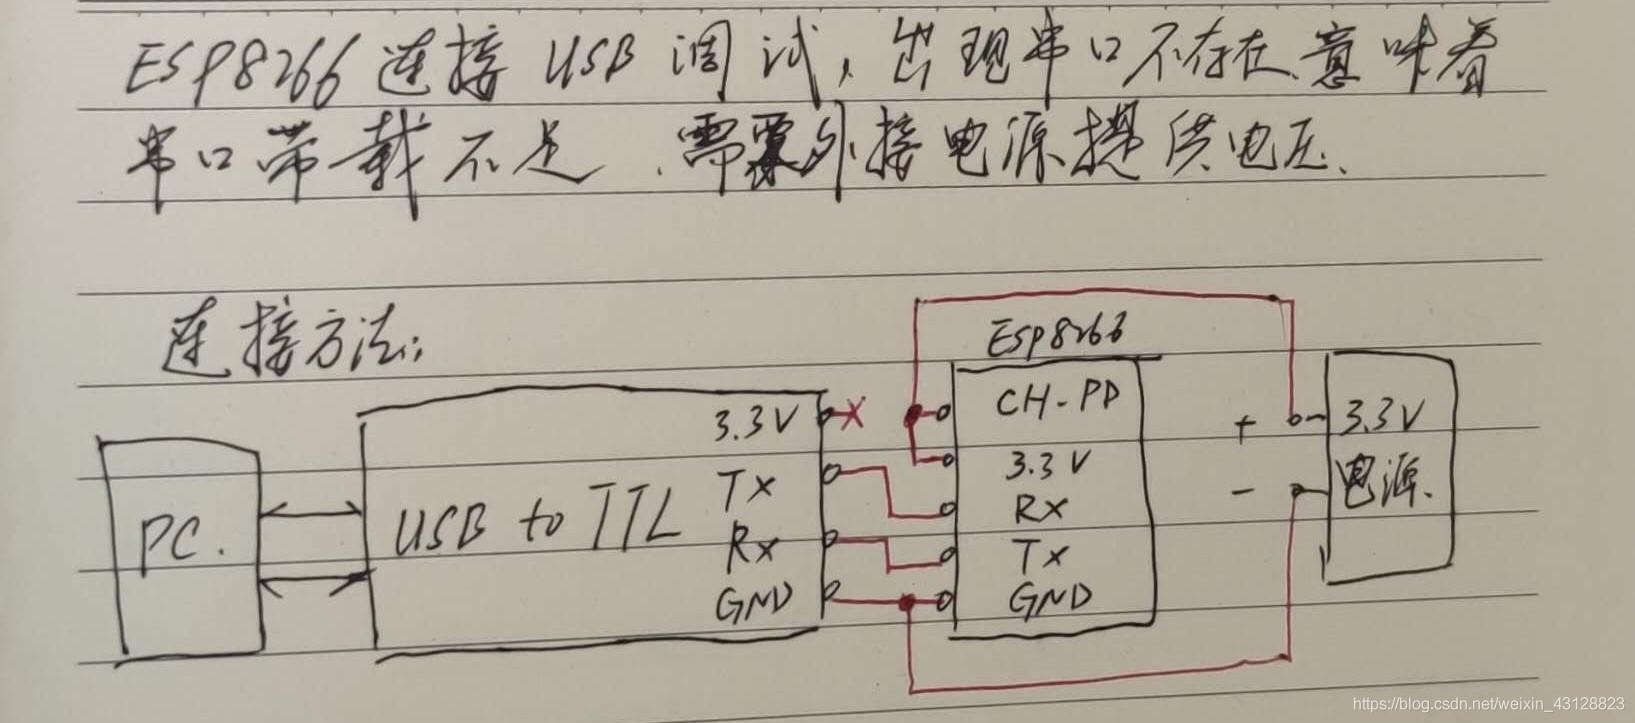 外接电源连接方法